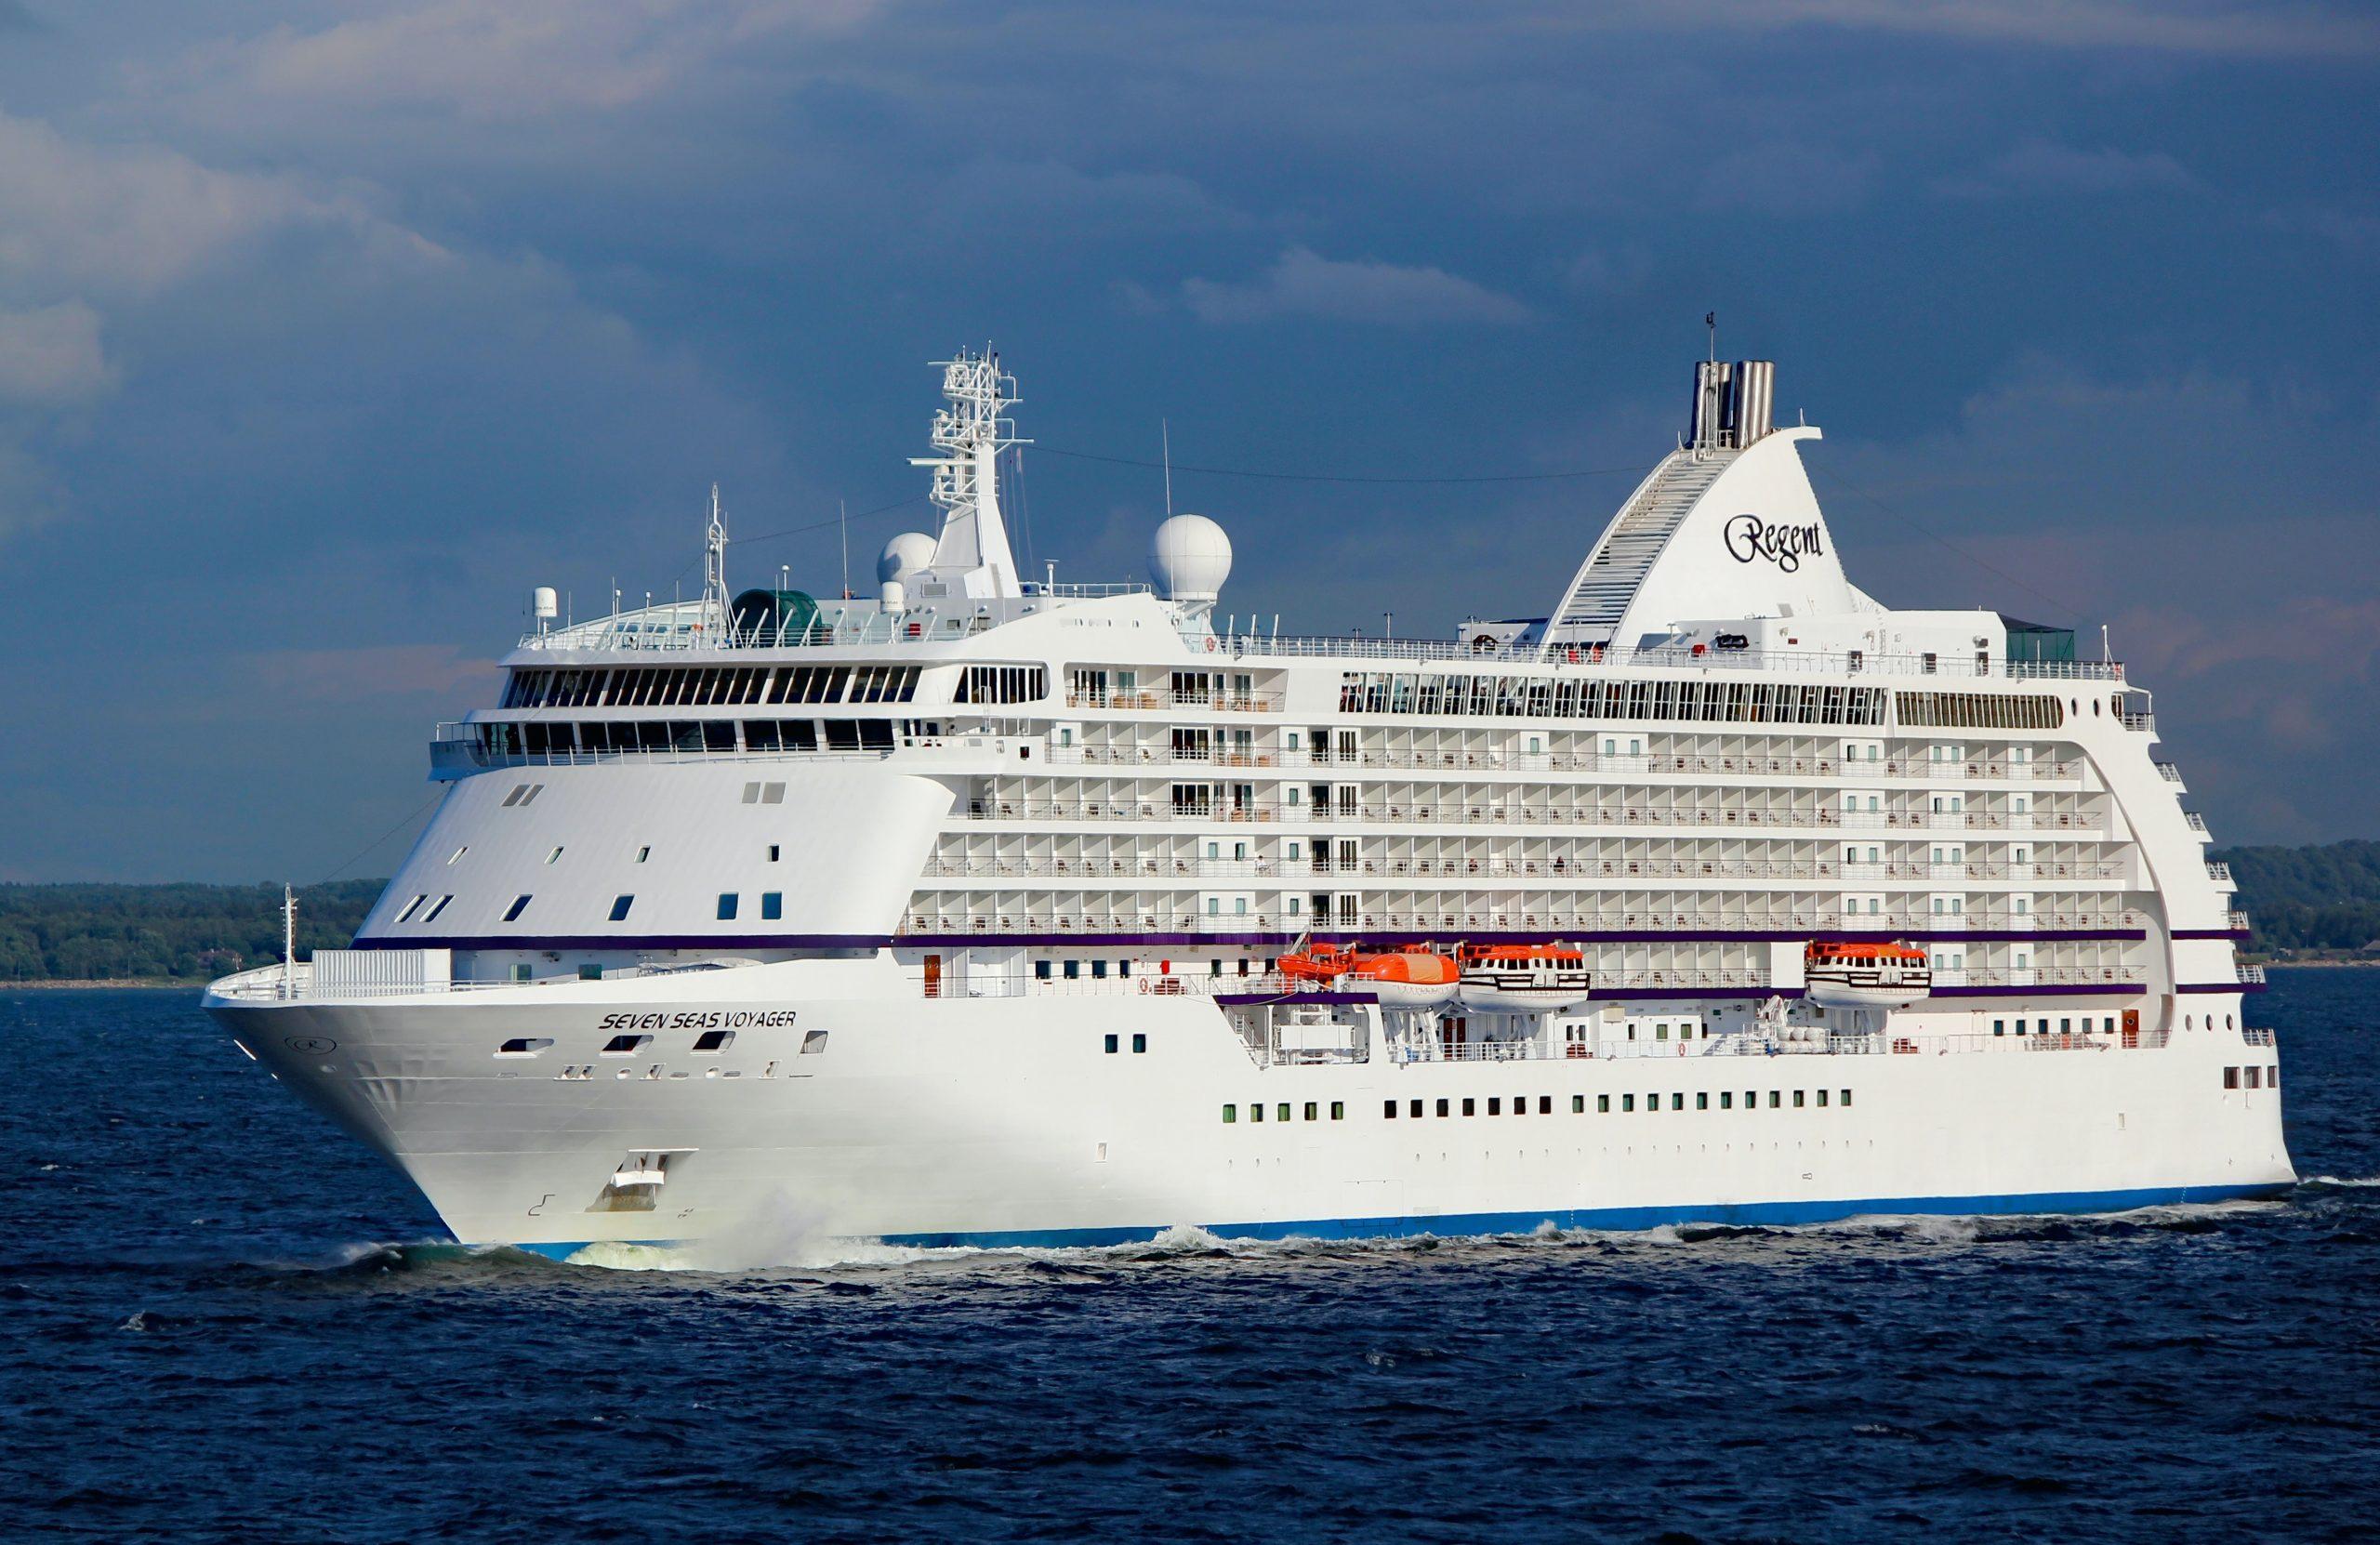 Cruceros sin destino, la nueva forma de navegar por el océano